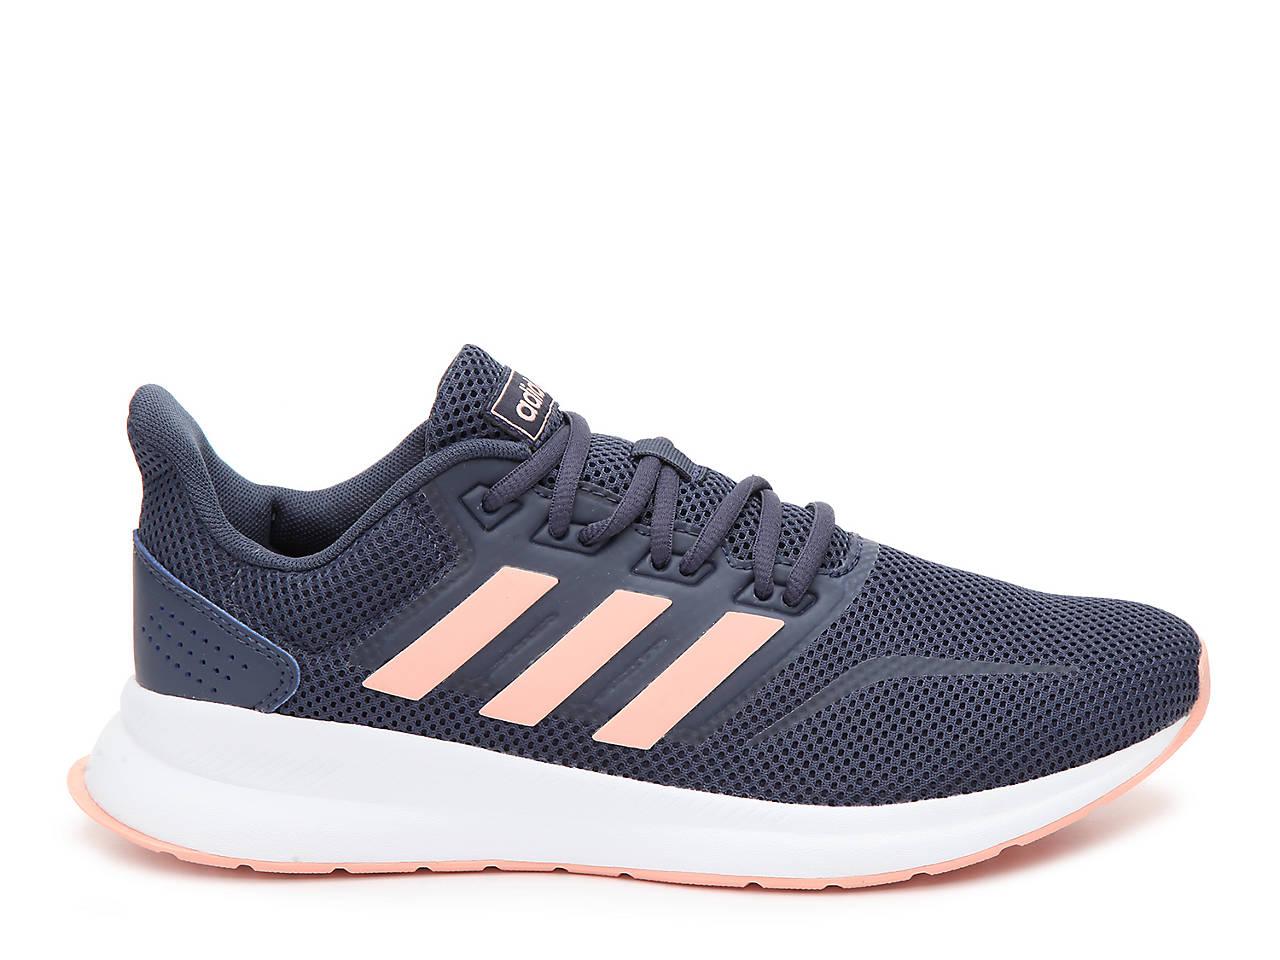 bf22c8ea5b4 adidas Run Falcon Running Shoe - Women s Women s Shoes